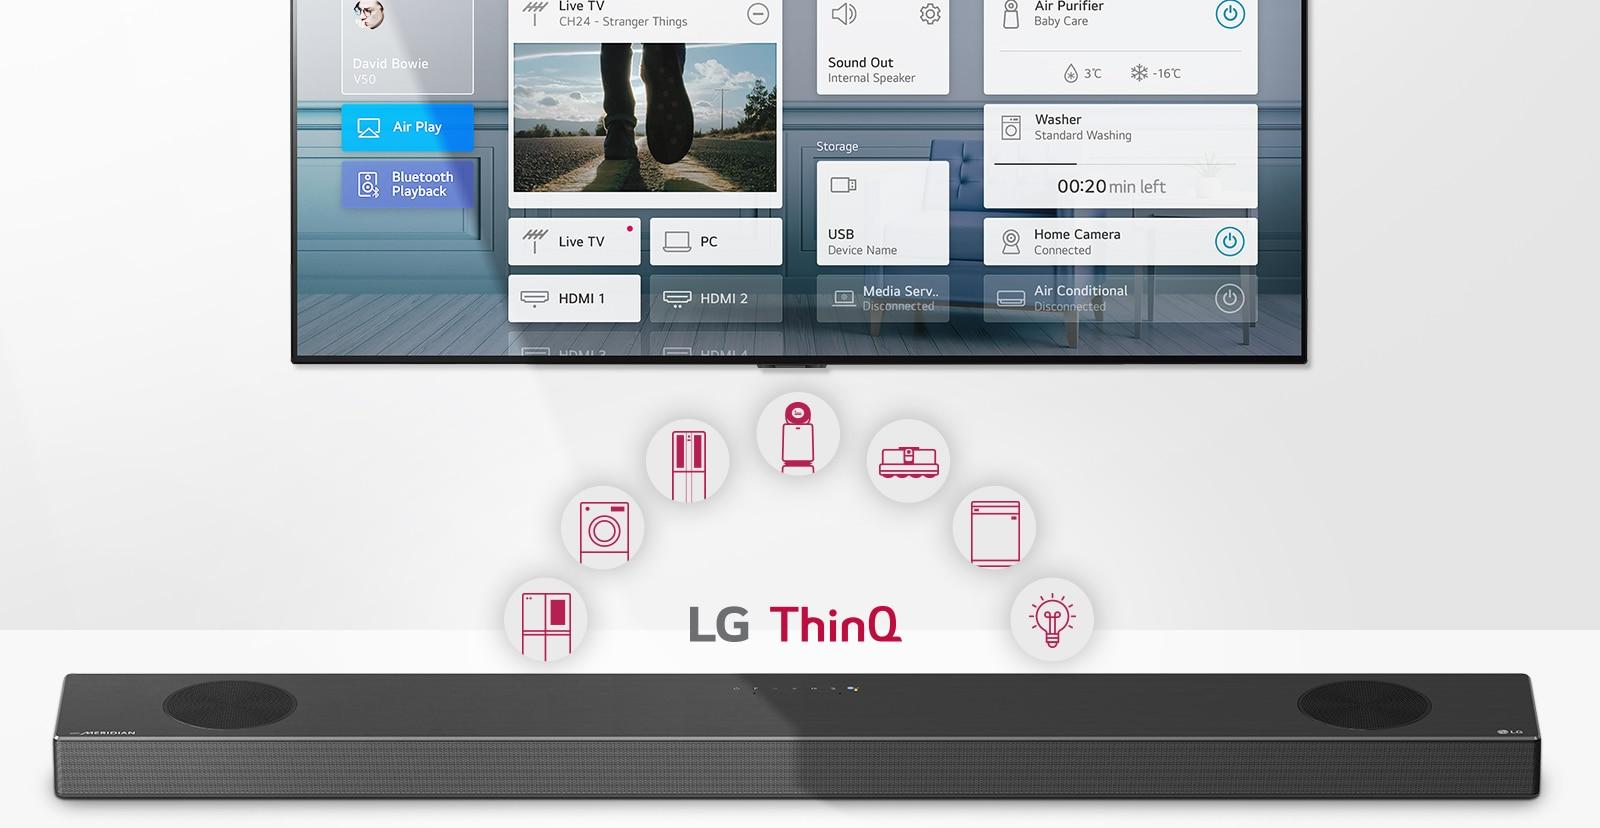 El televisor está en la pared. La barra de sonido está debajo del televisor. El logotipo de LG ThinQ y los iconos de electrodomésticos se muestran entre el televisor y la barra de sonido.